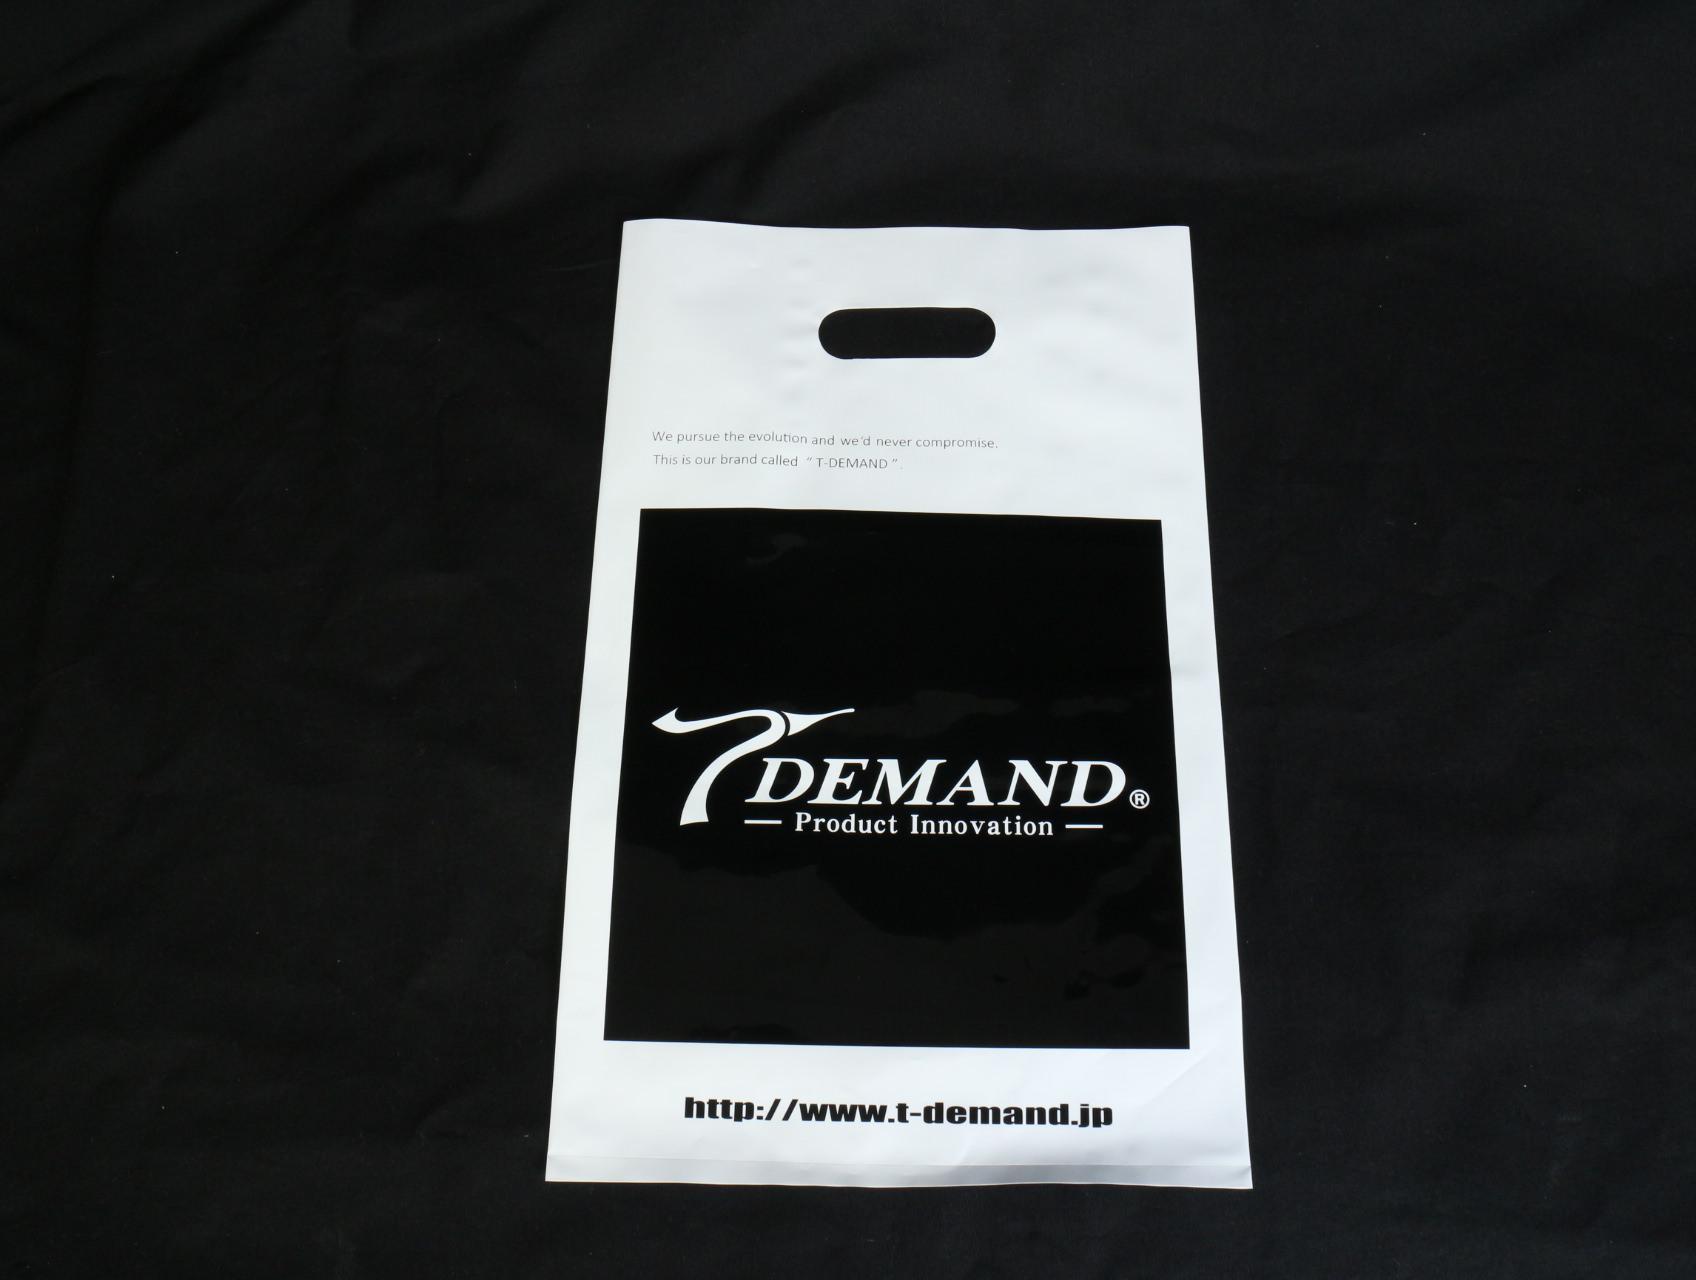 車のオリジナルパーツの開発・販売をされている店舗様のポリ袋